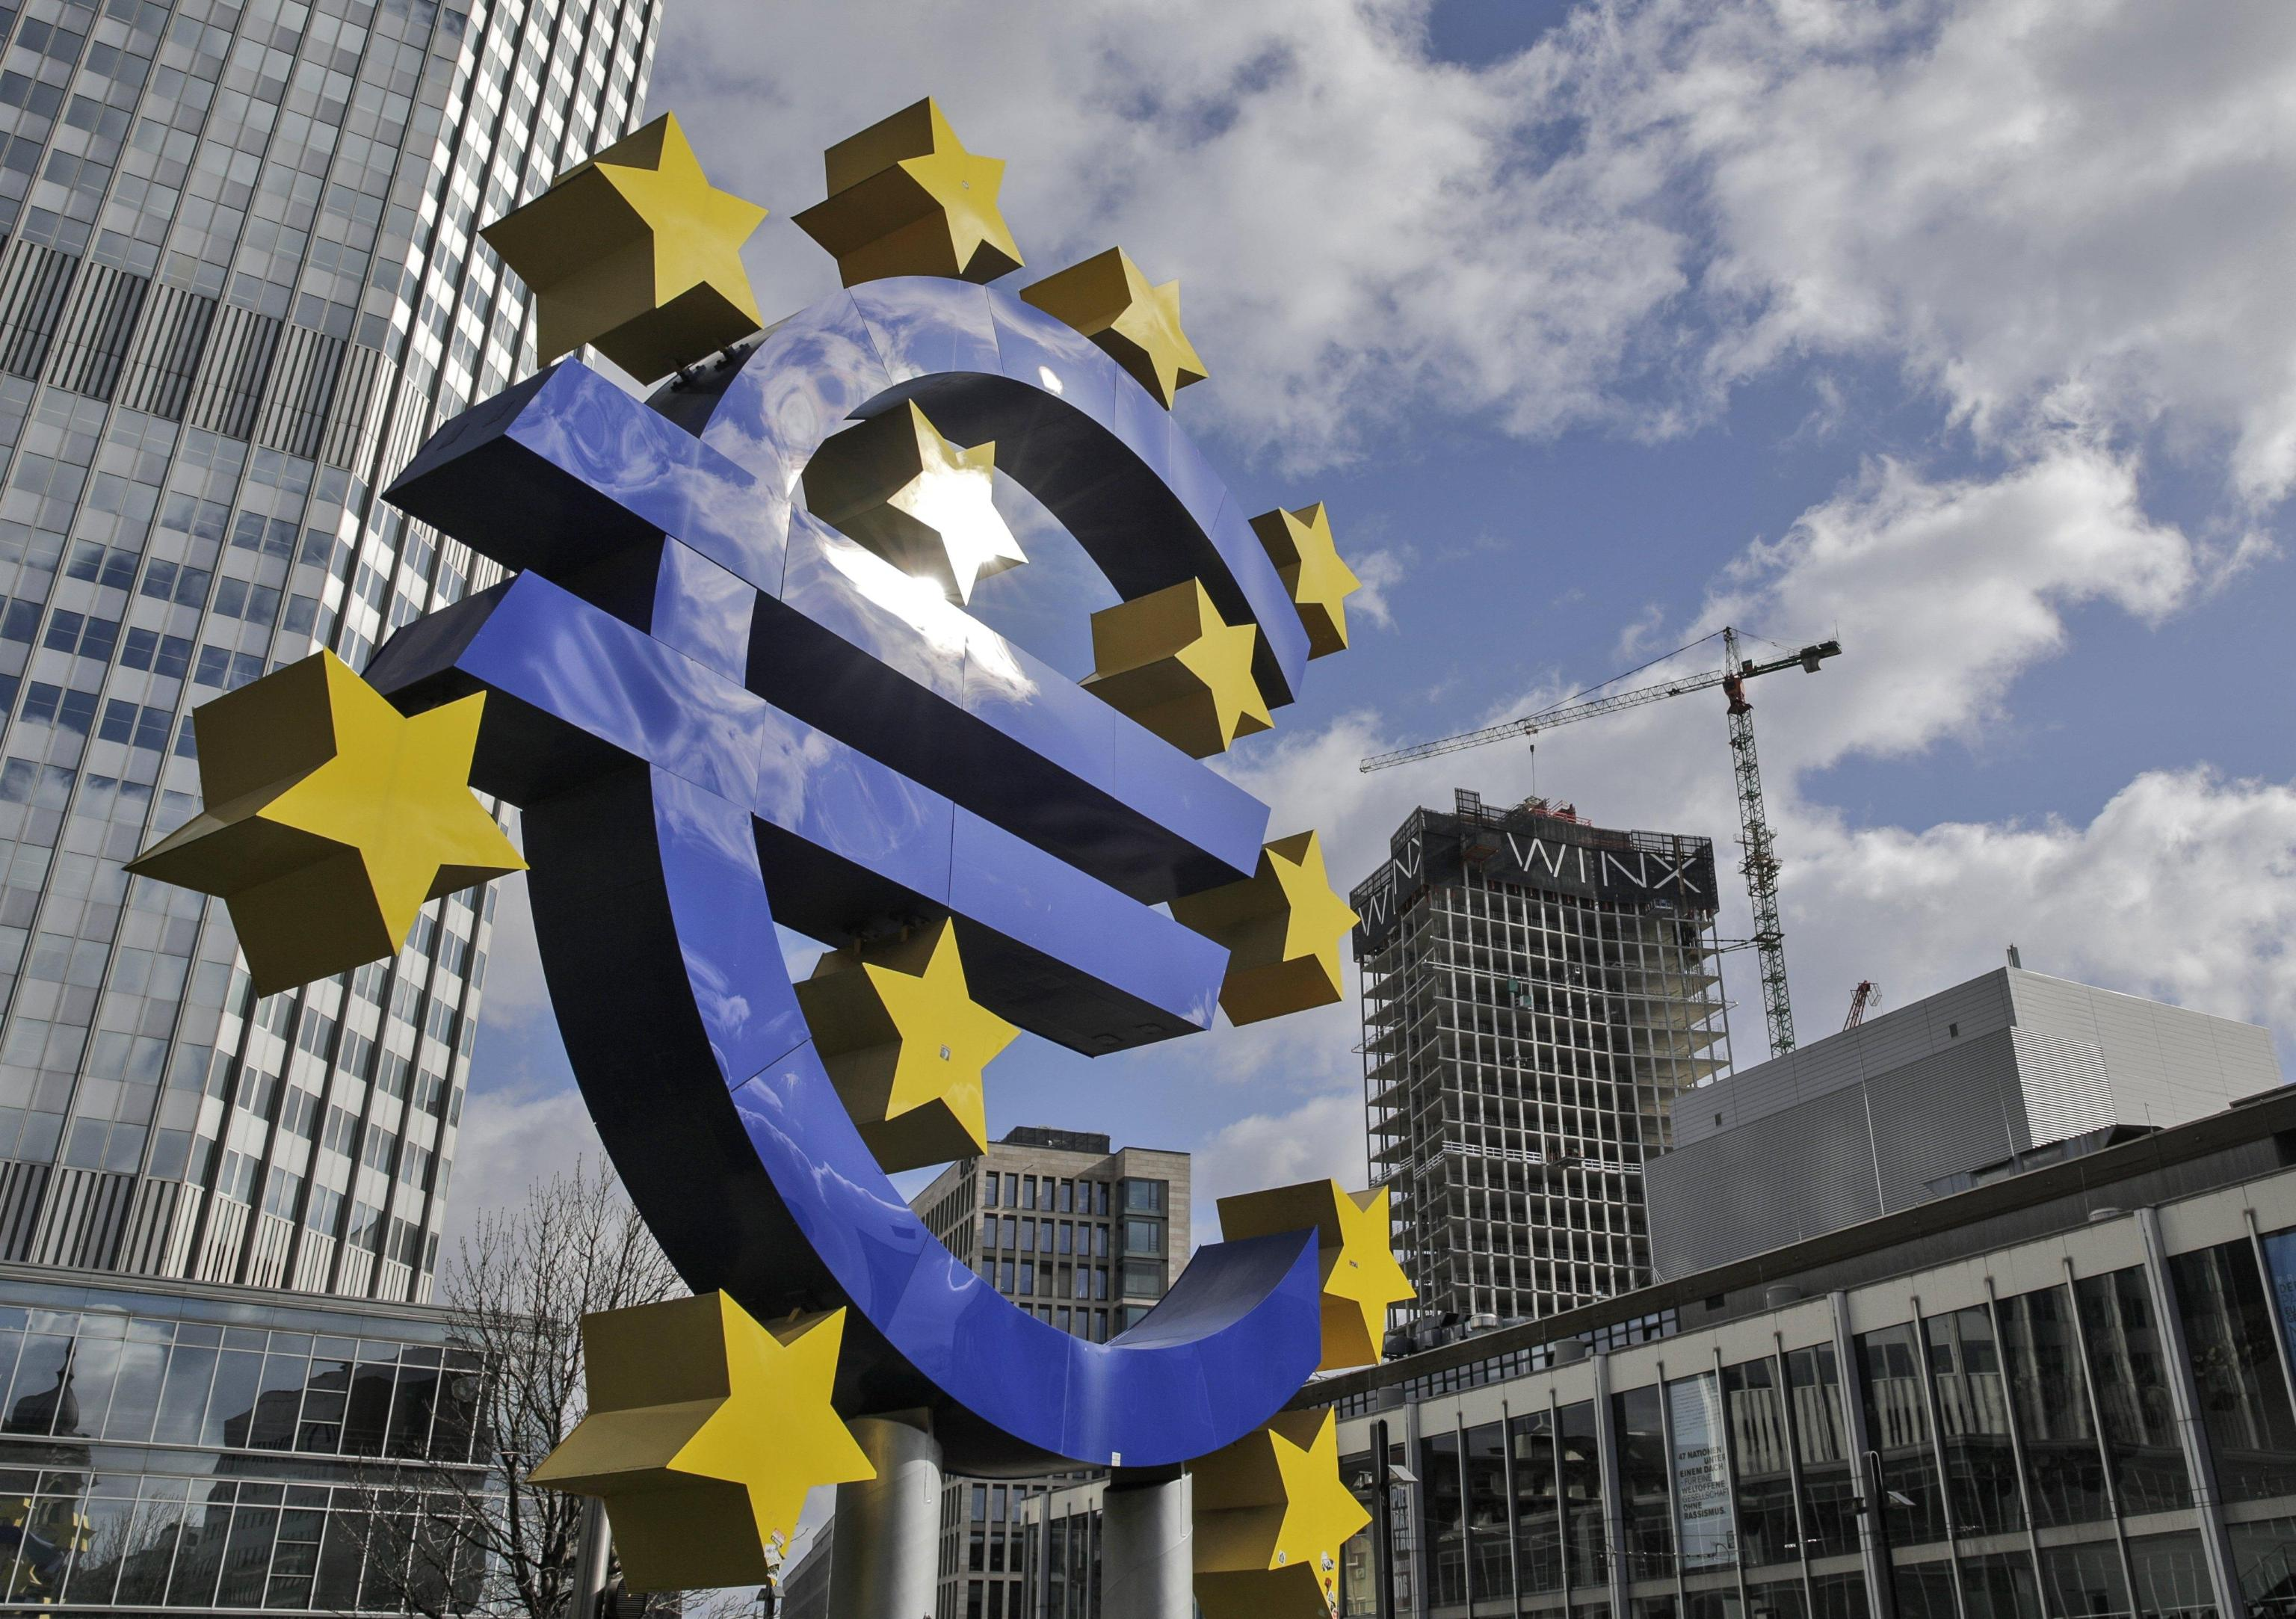 Tasse in Italia: risparmiamo grazie all'Europa